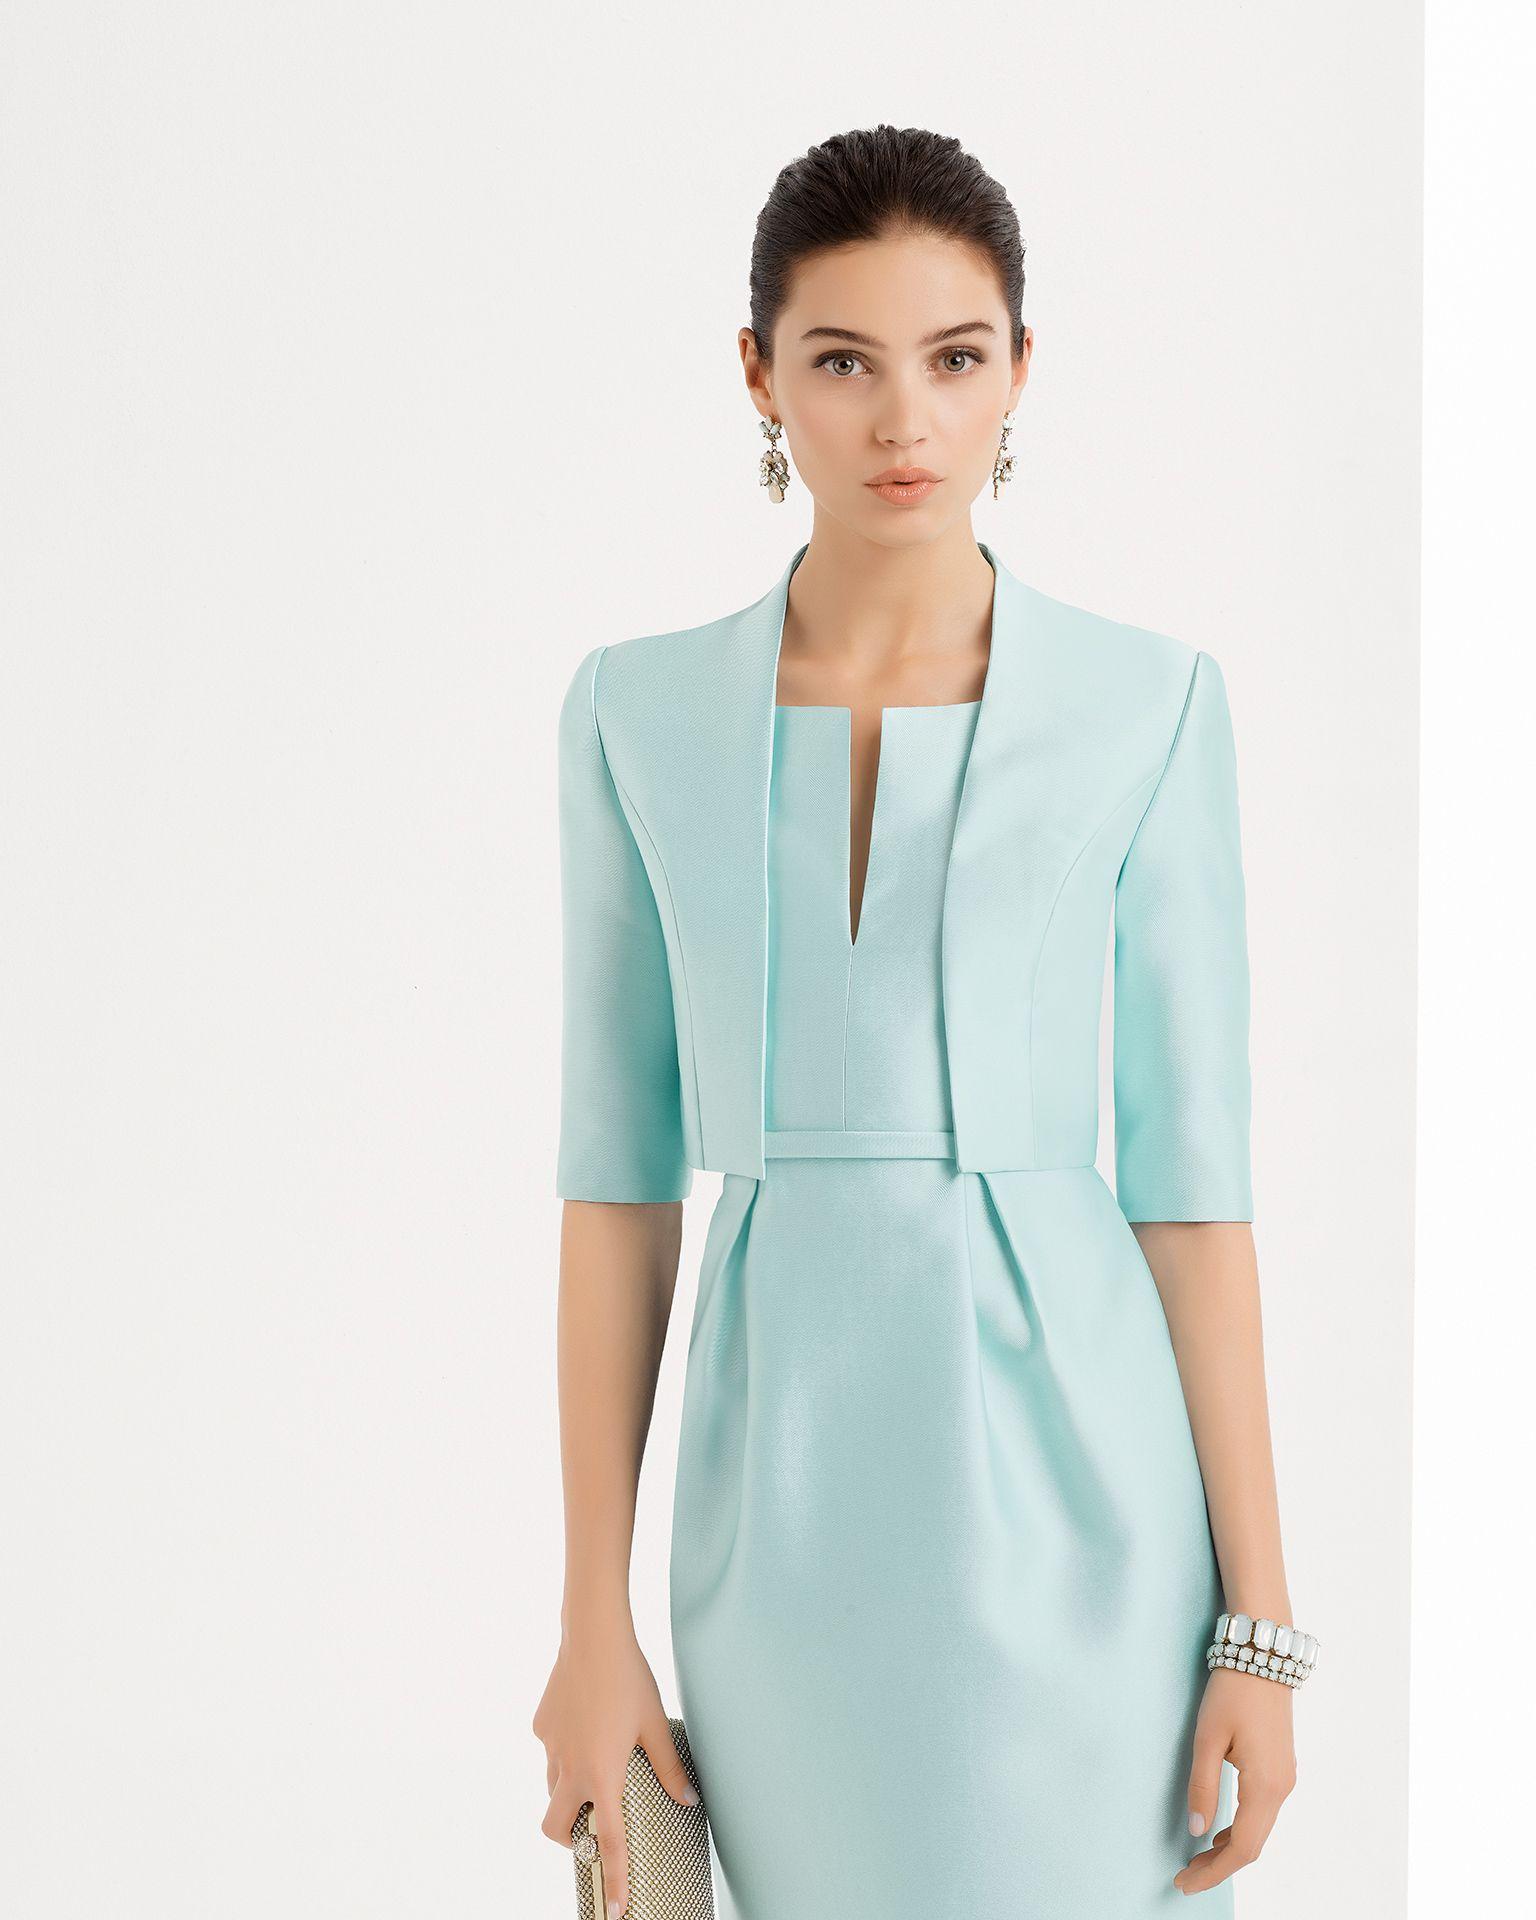 Vestido y chaqueta de mikado disponible en, verde, cobalto y plata ...